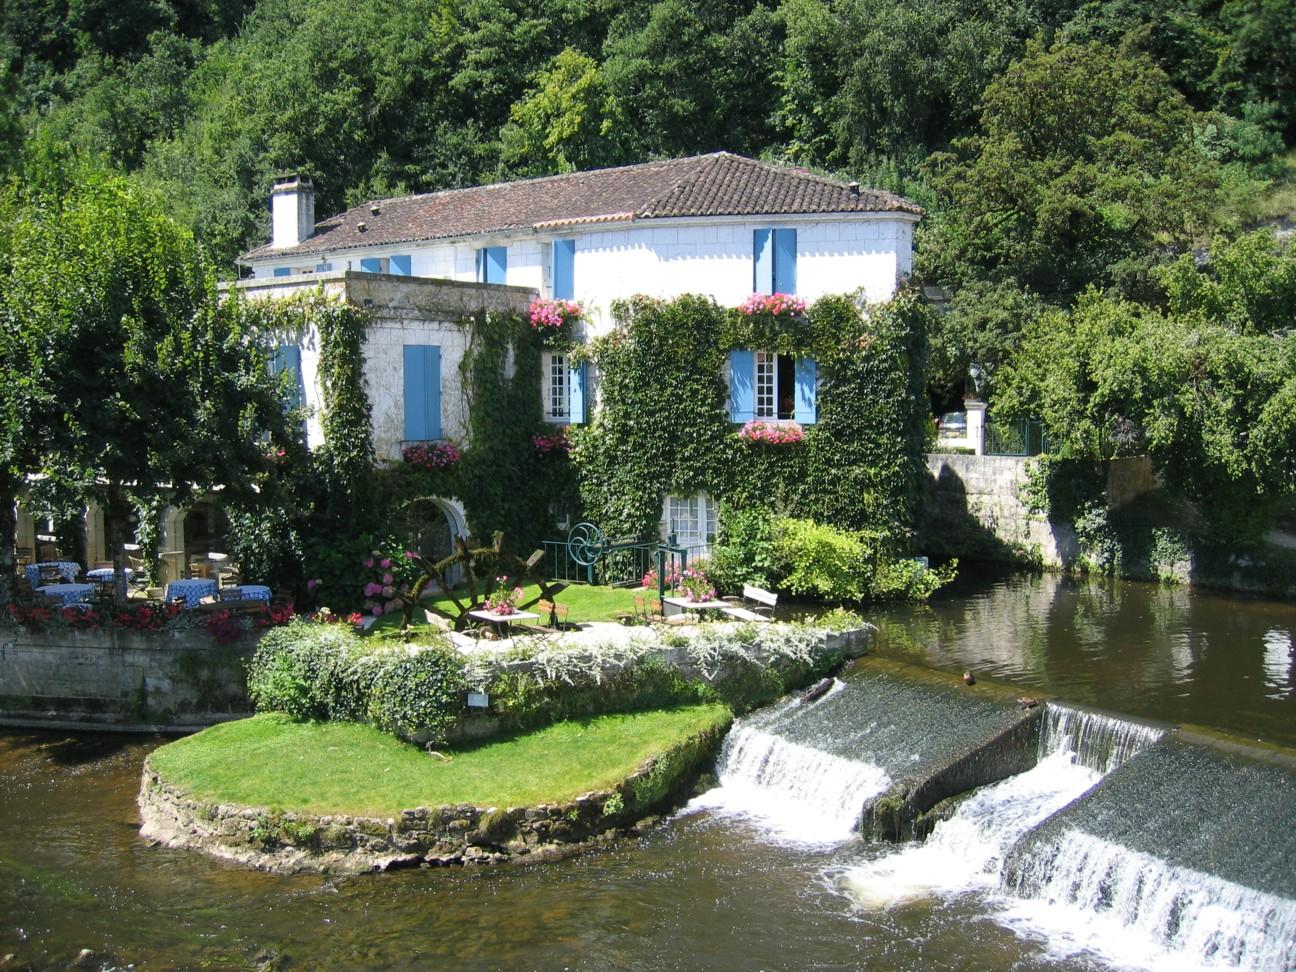 Idyllisches Restaurant in Brantome, Frankreich mit einem kleinen Wasserfall vor der Tür.